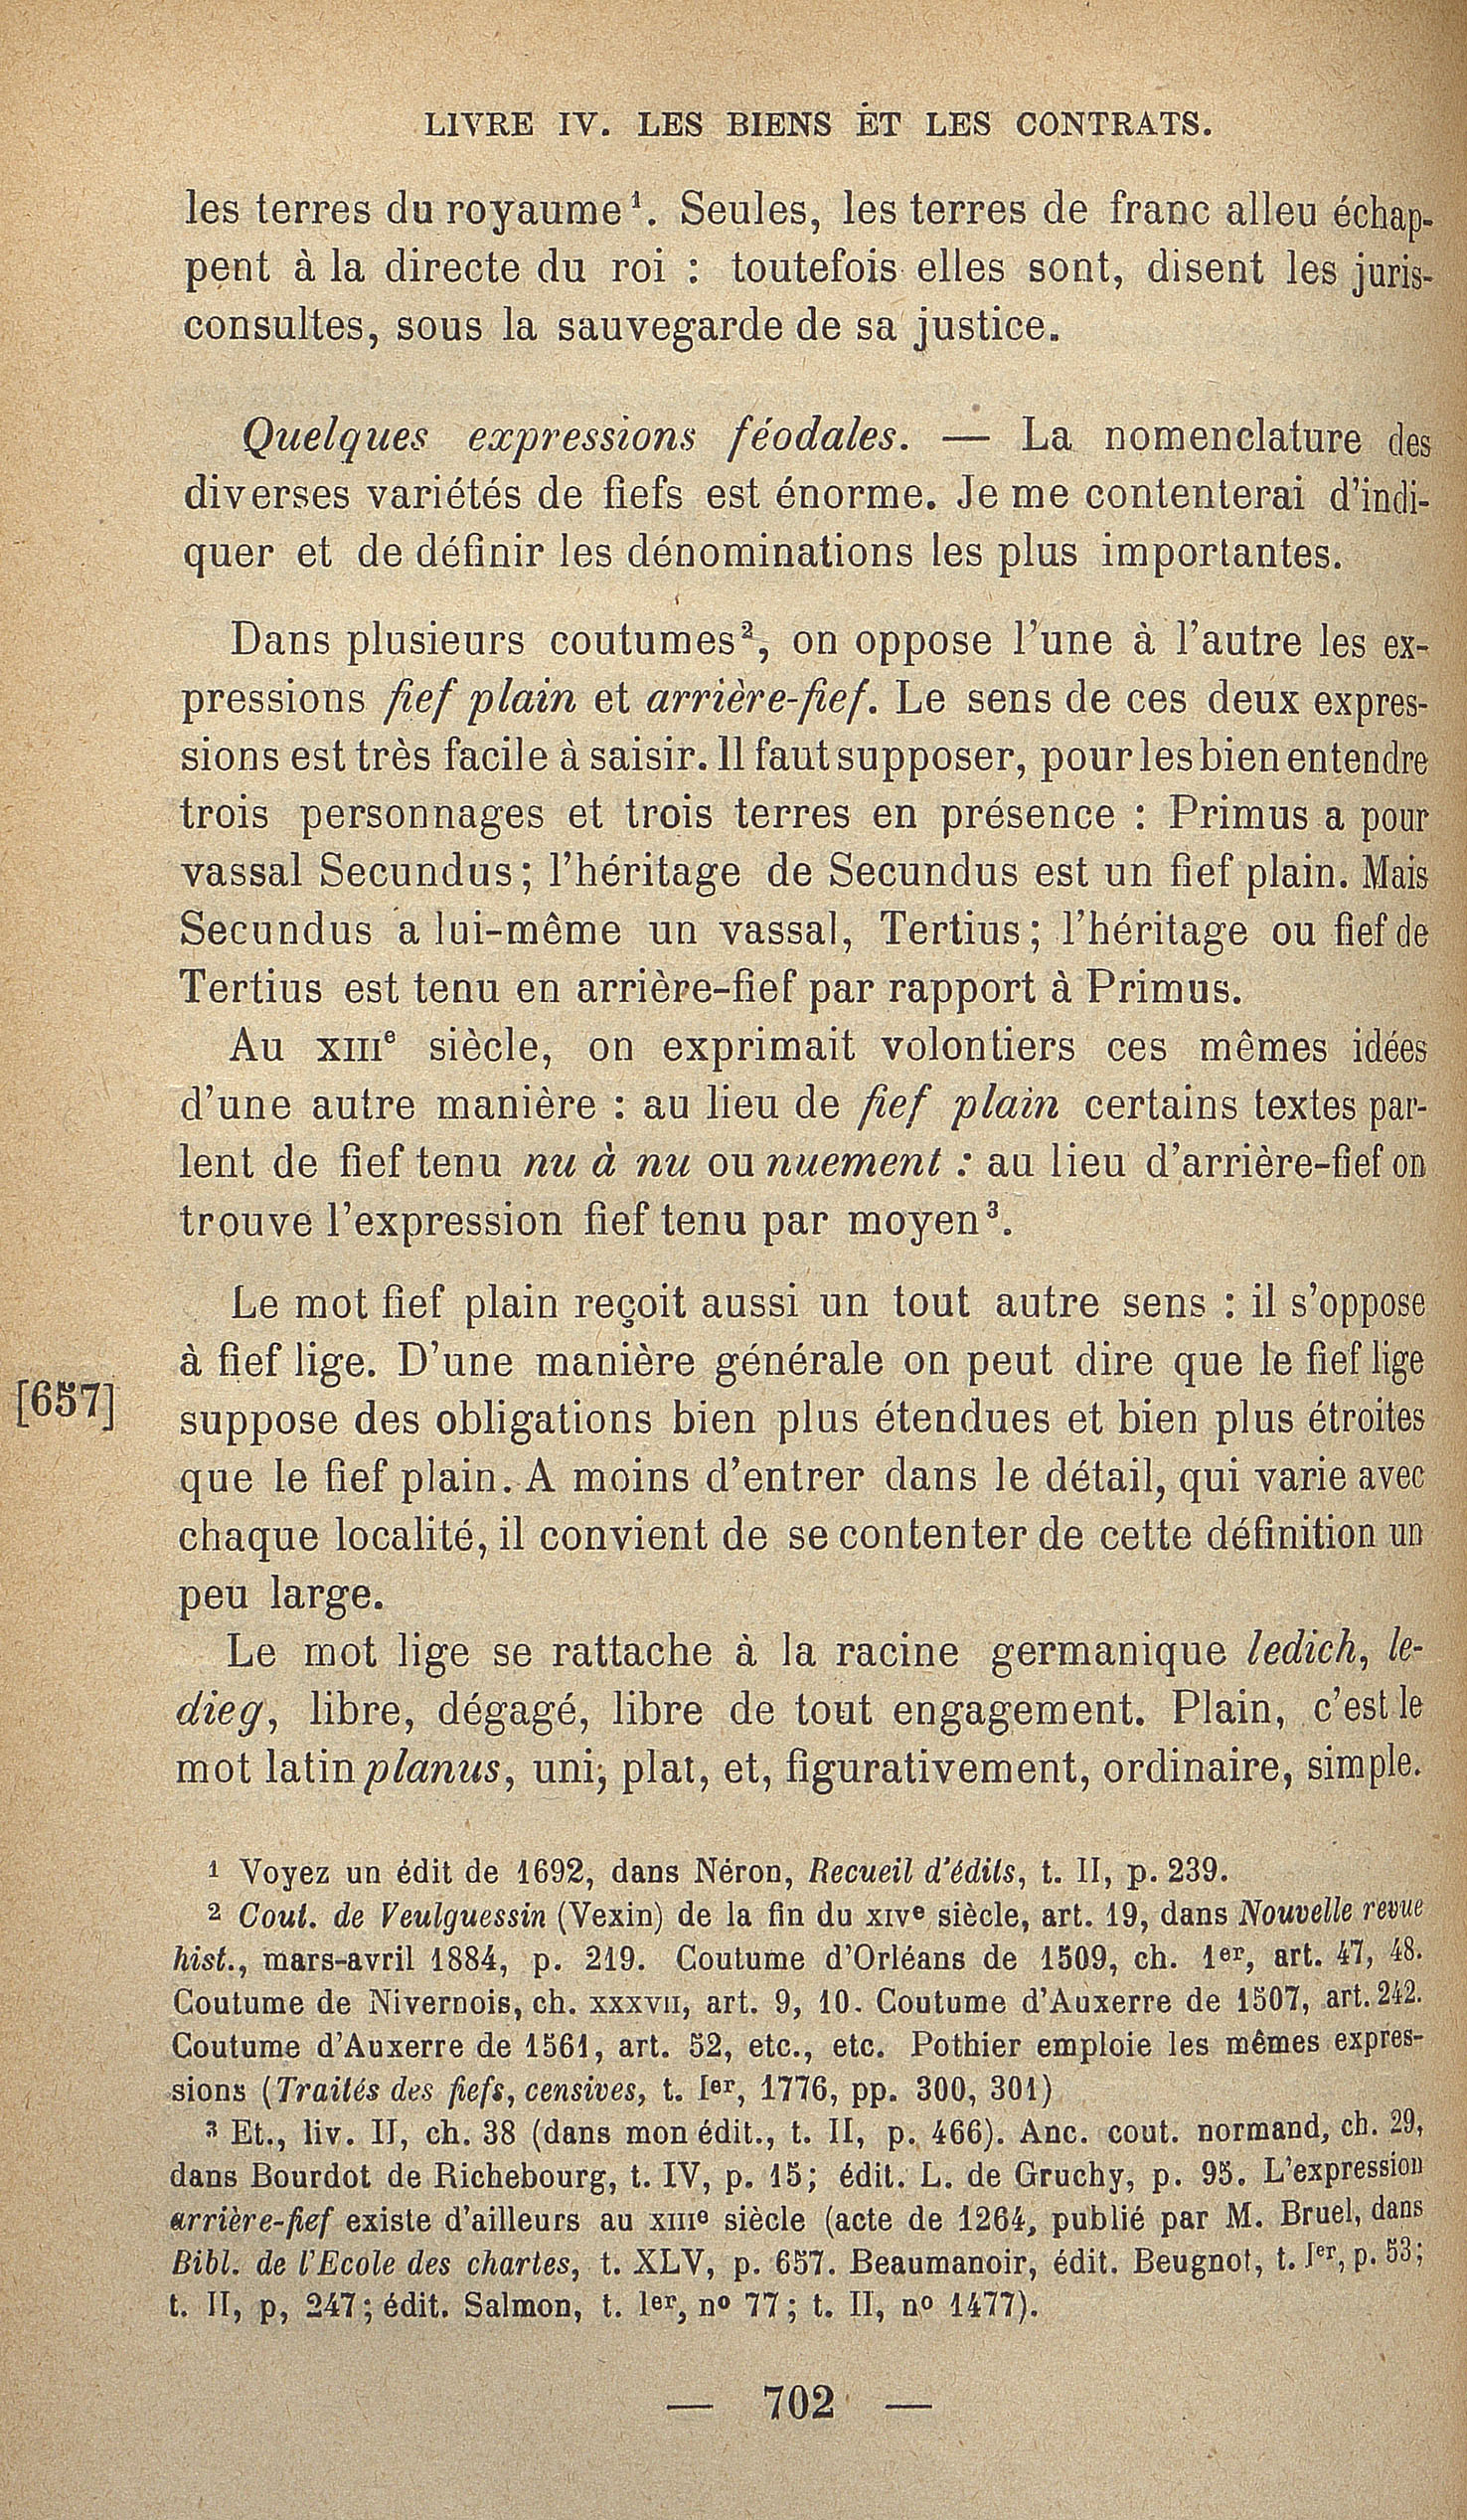 http://expo-paulviollet.univ-paris1.fr/wp-content/uploads/2016/02/0605121670_0712.jpg